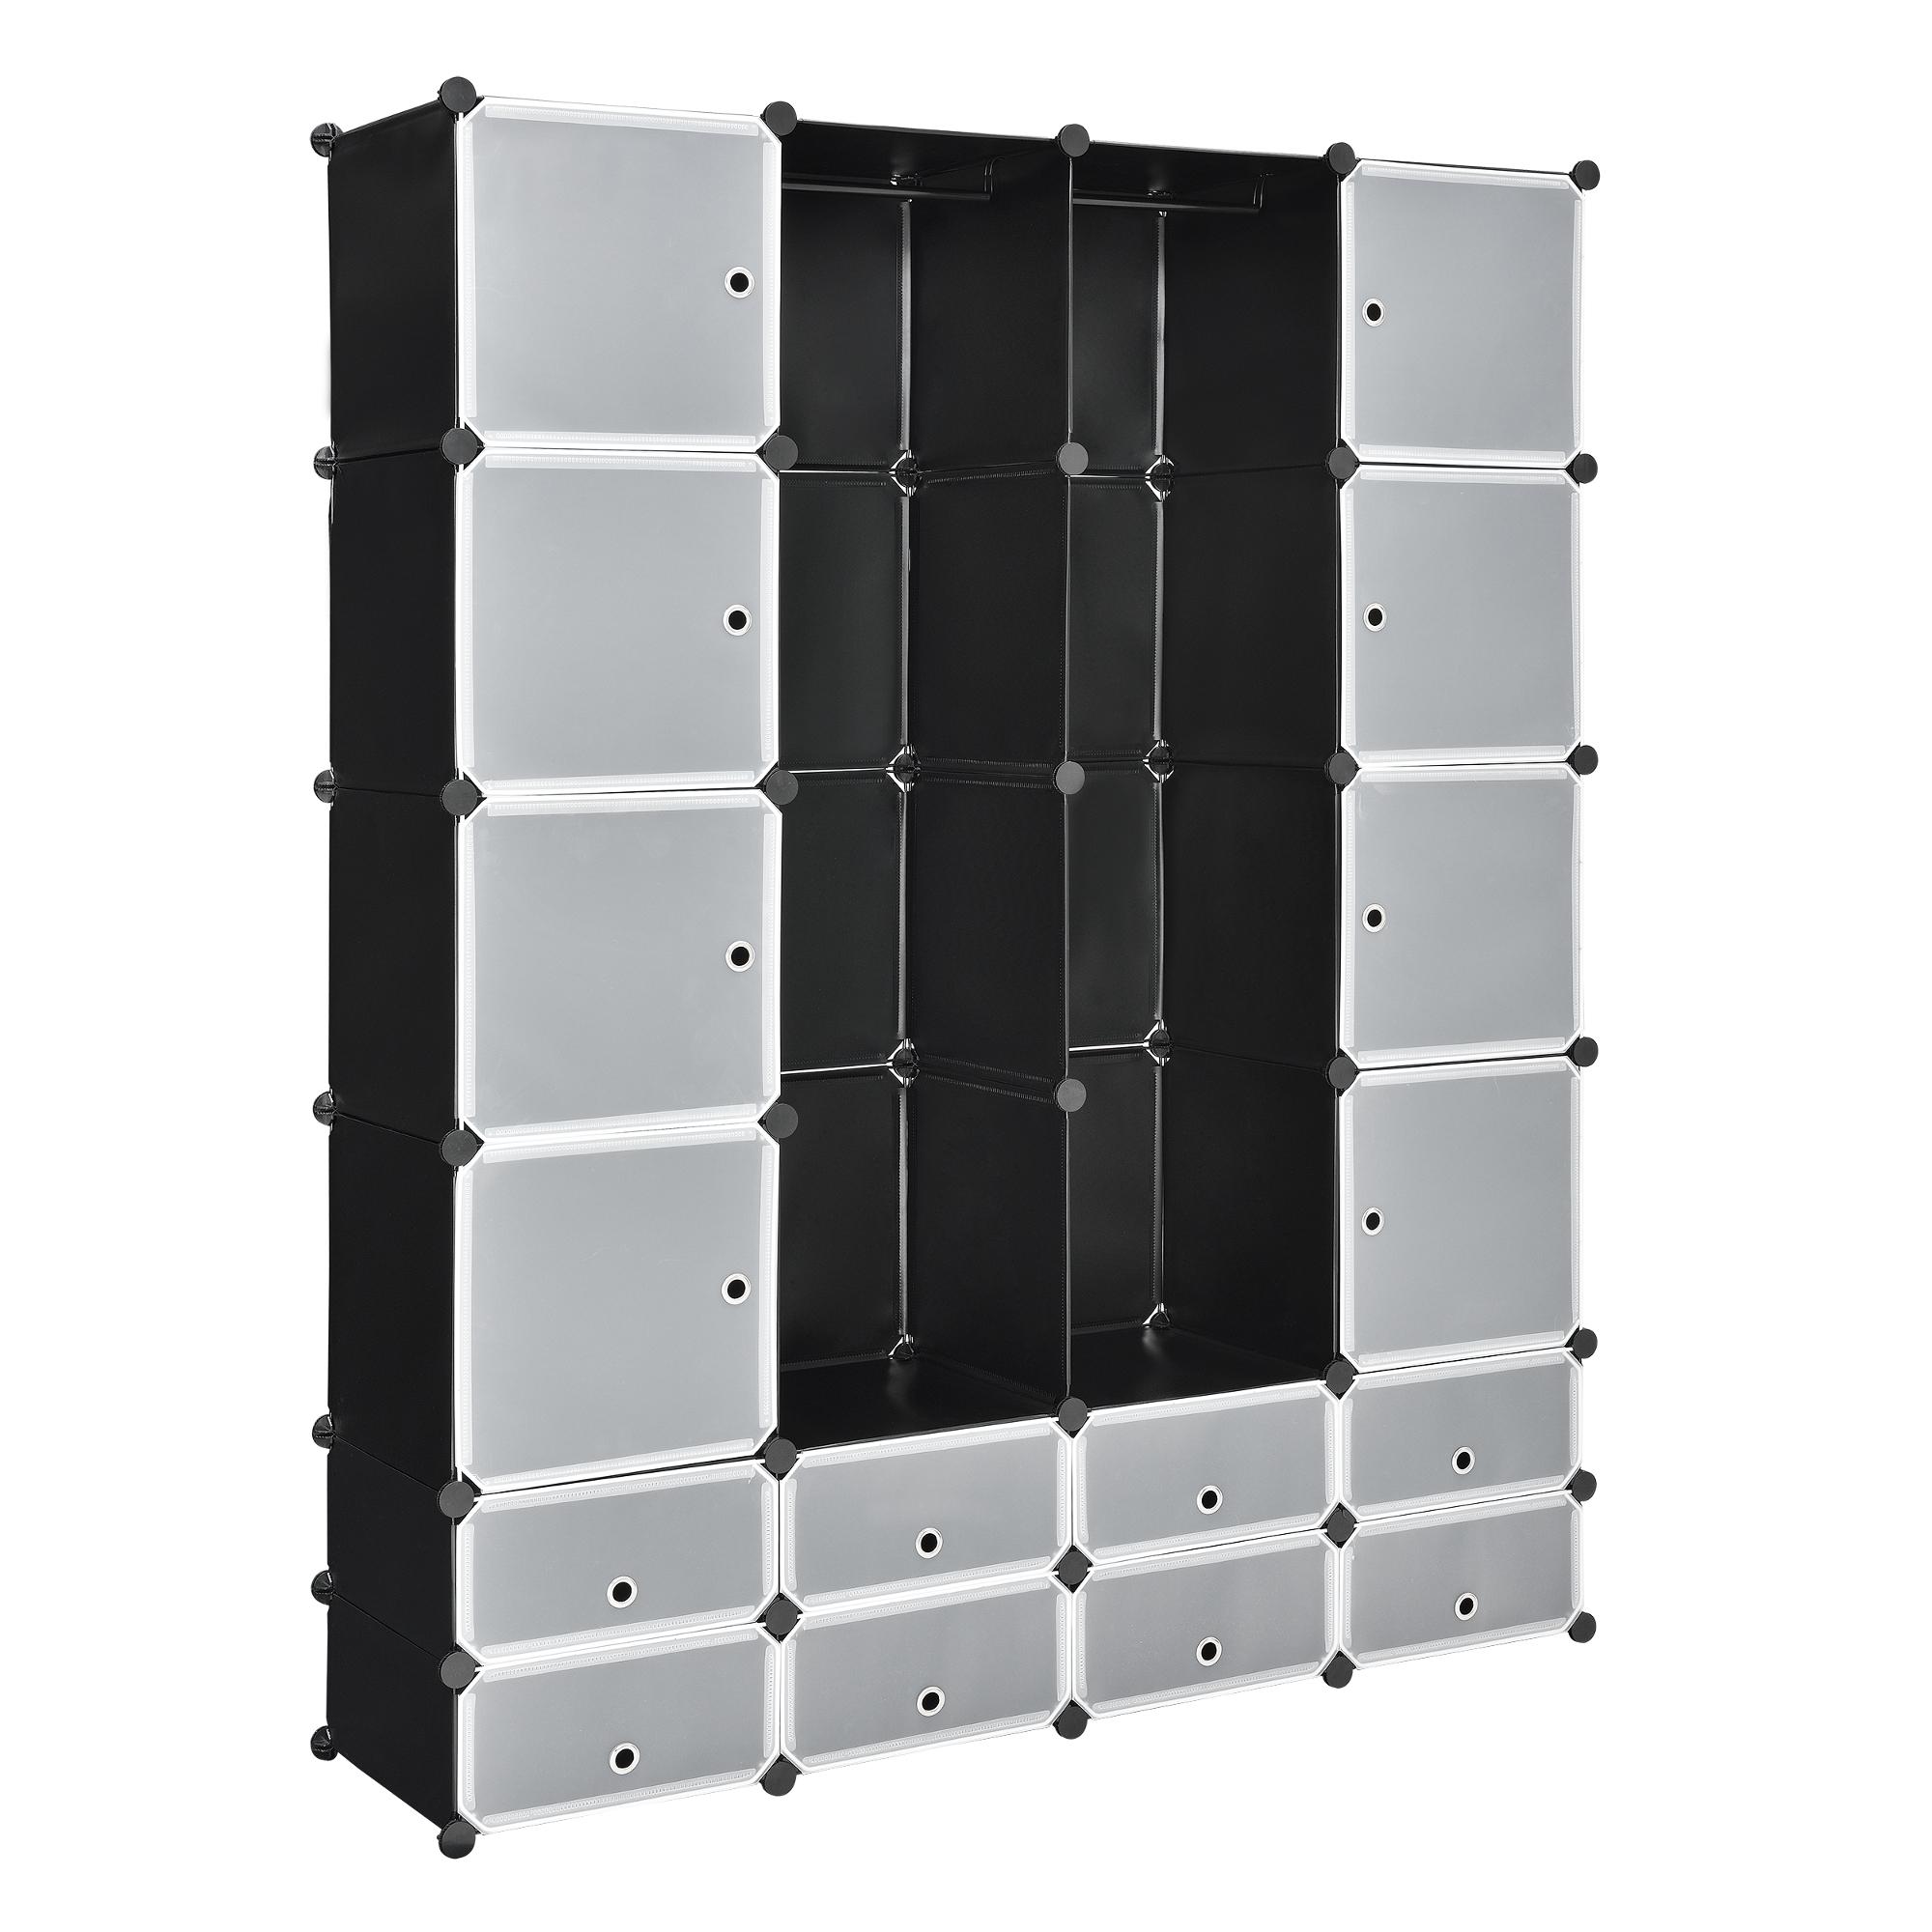 Diy steckregal kunststoff  DIY System Regal Schrank 16 Türen 180x145cm Schwarz/Weiß Steck Büro ...